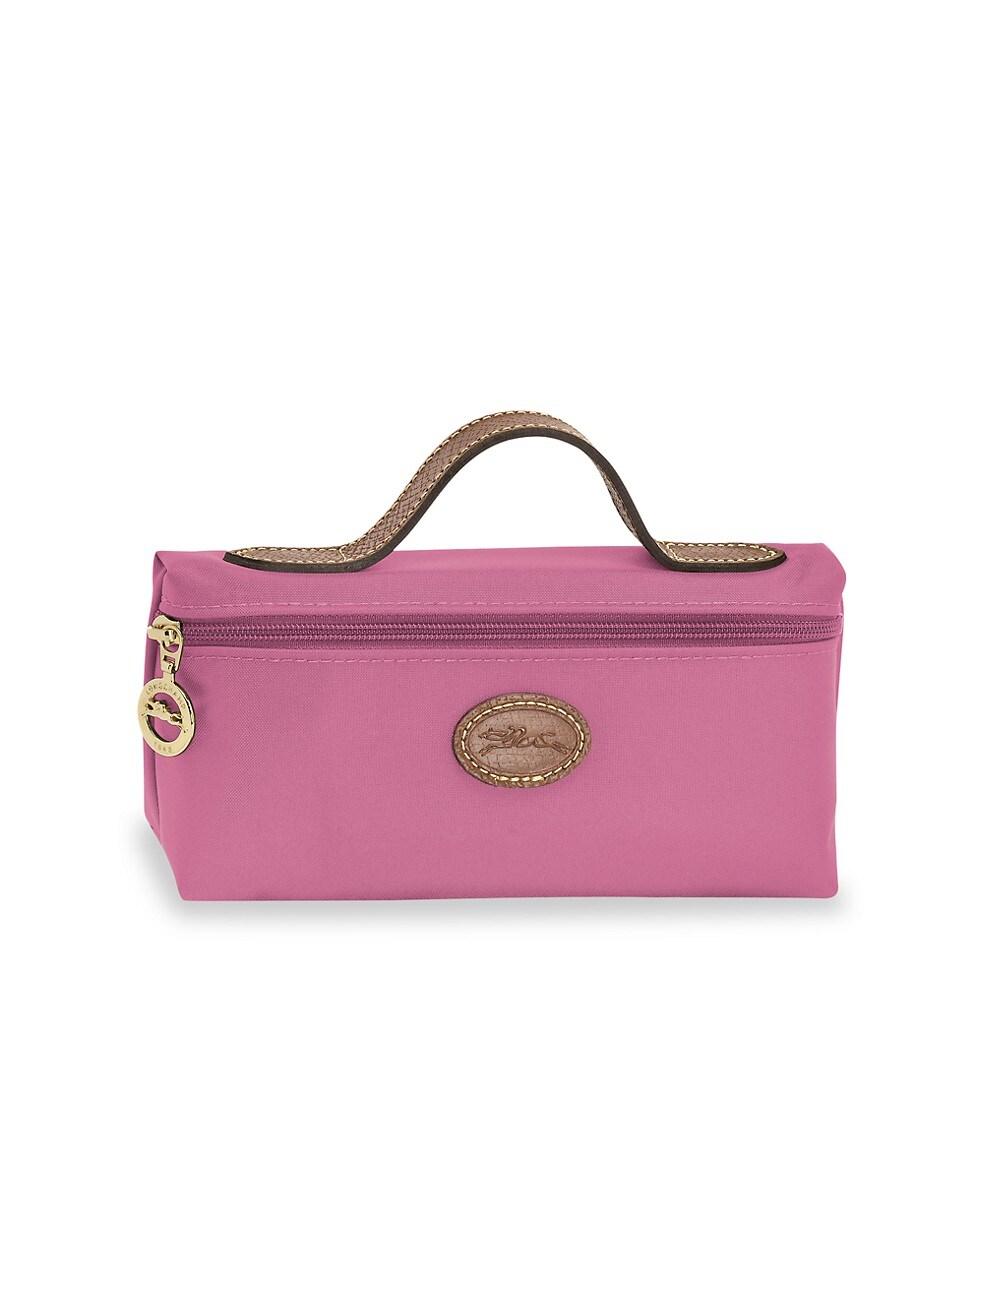 롱샴 파우치 Longchamp Le Pliage Cosmetic Case,PEONY